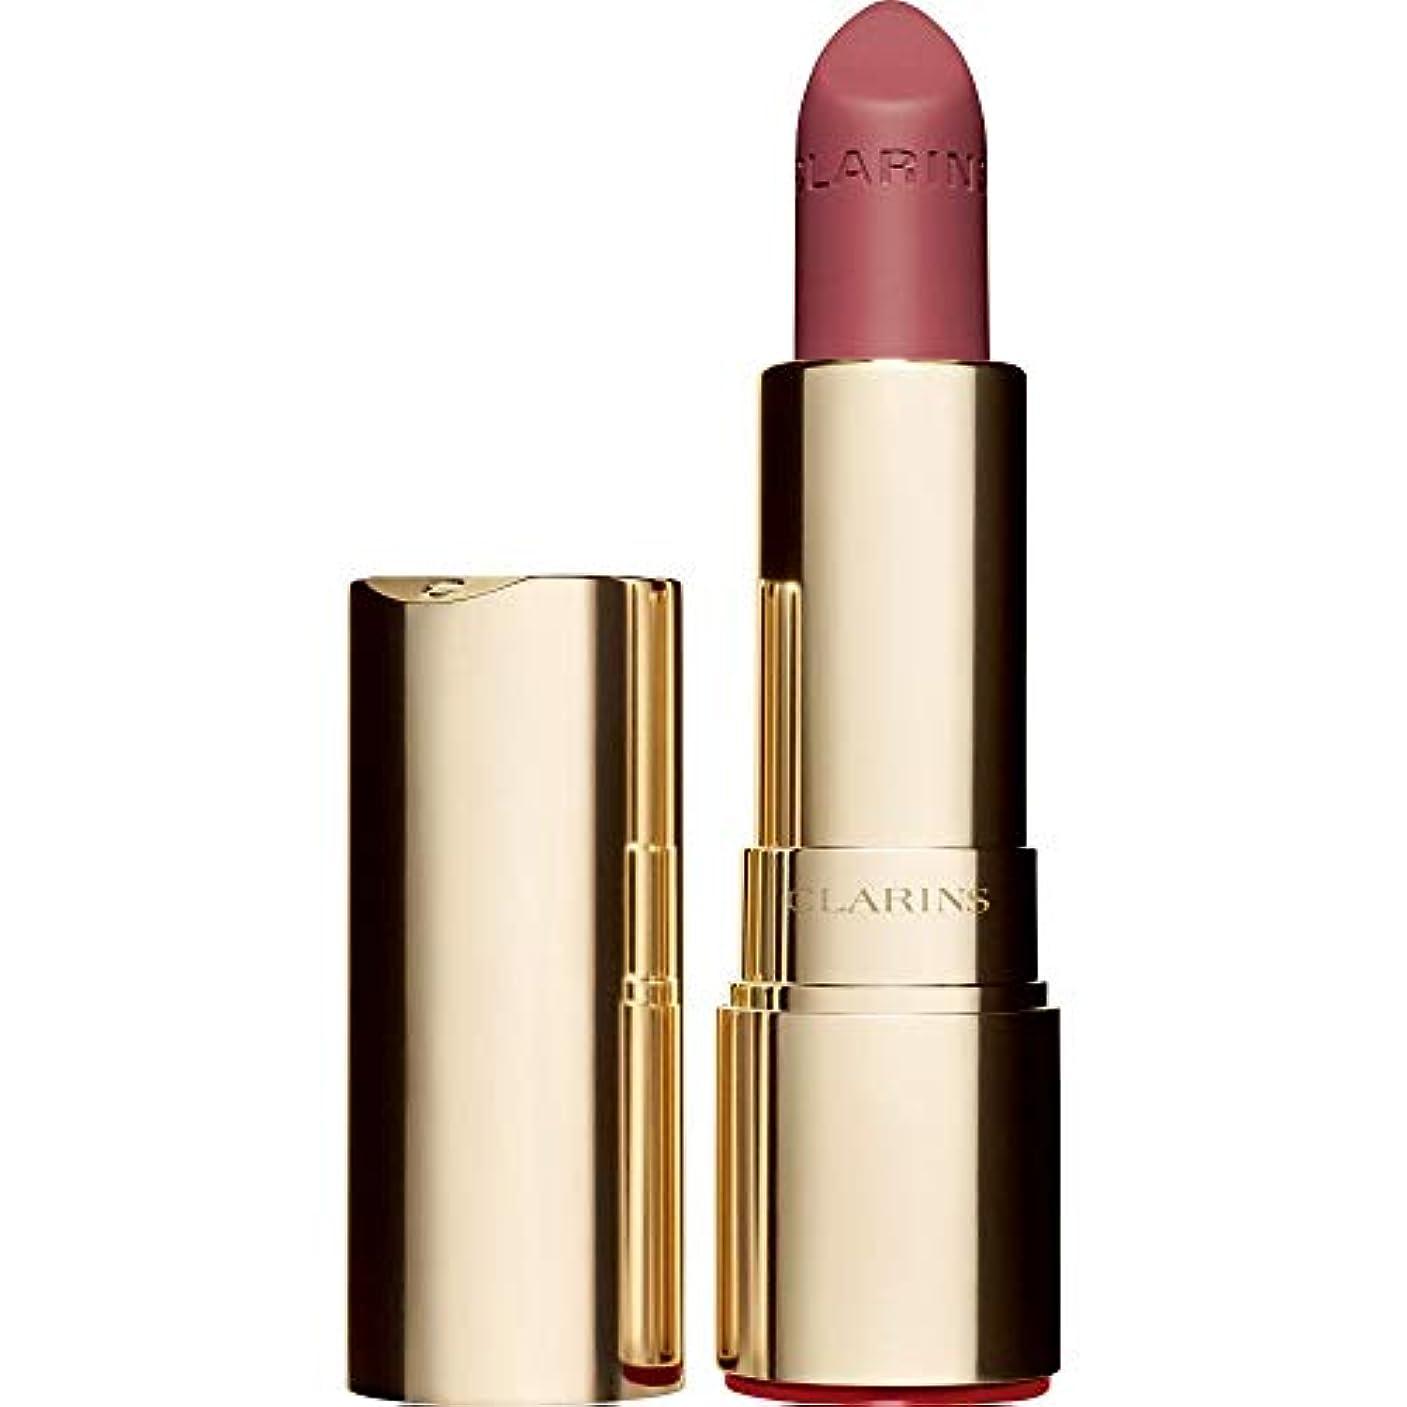 有罪尊敬するアラビア語[Clarins ] クラランスジョリルージュのベルベットの口紅3.5グラムの752V - ローズウッド - Clarins Joli Rouge Velvet Lipstick 3.5g 752V - Rosewood...